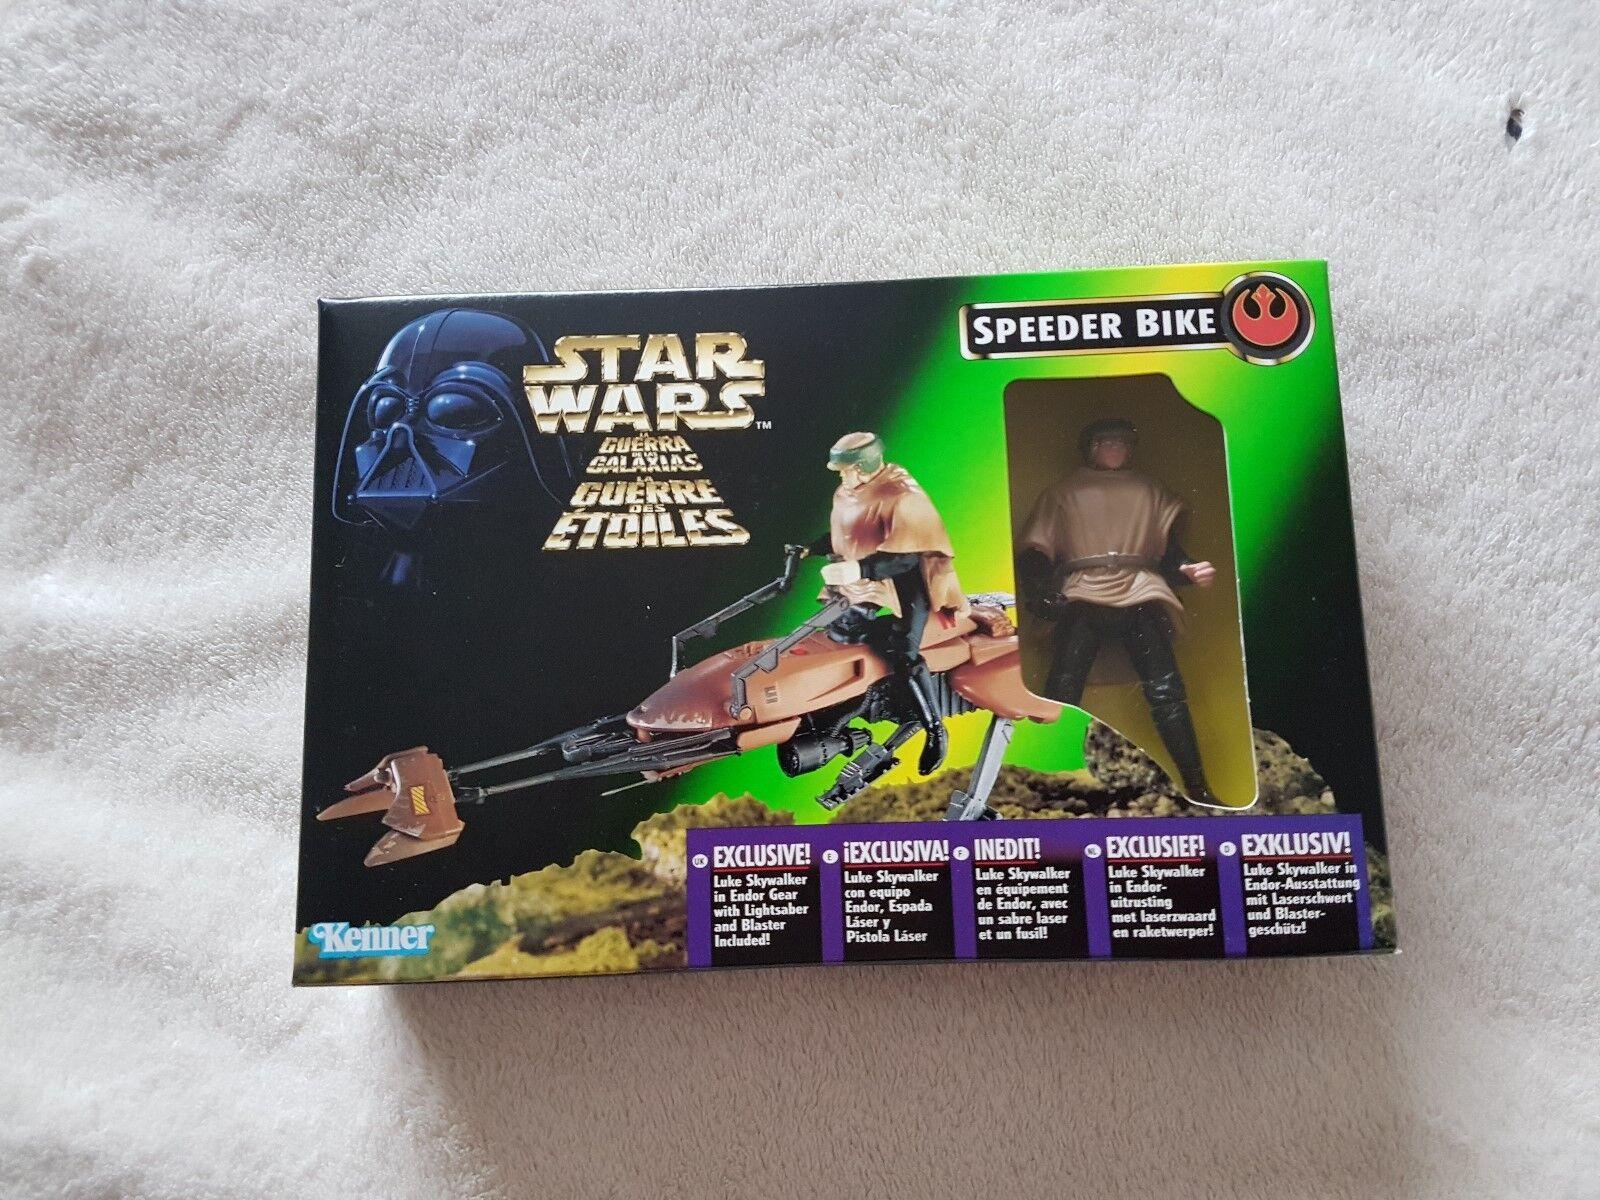 Star Wars Speeder Bike Luke Skywalker in Endor Gear 1996